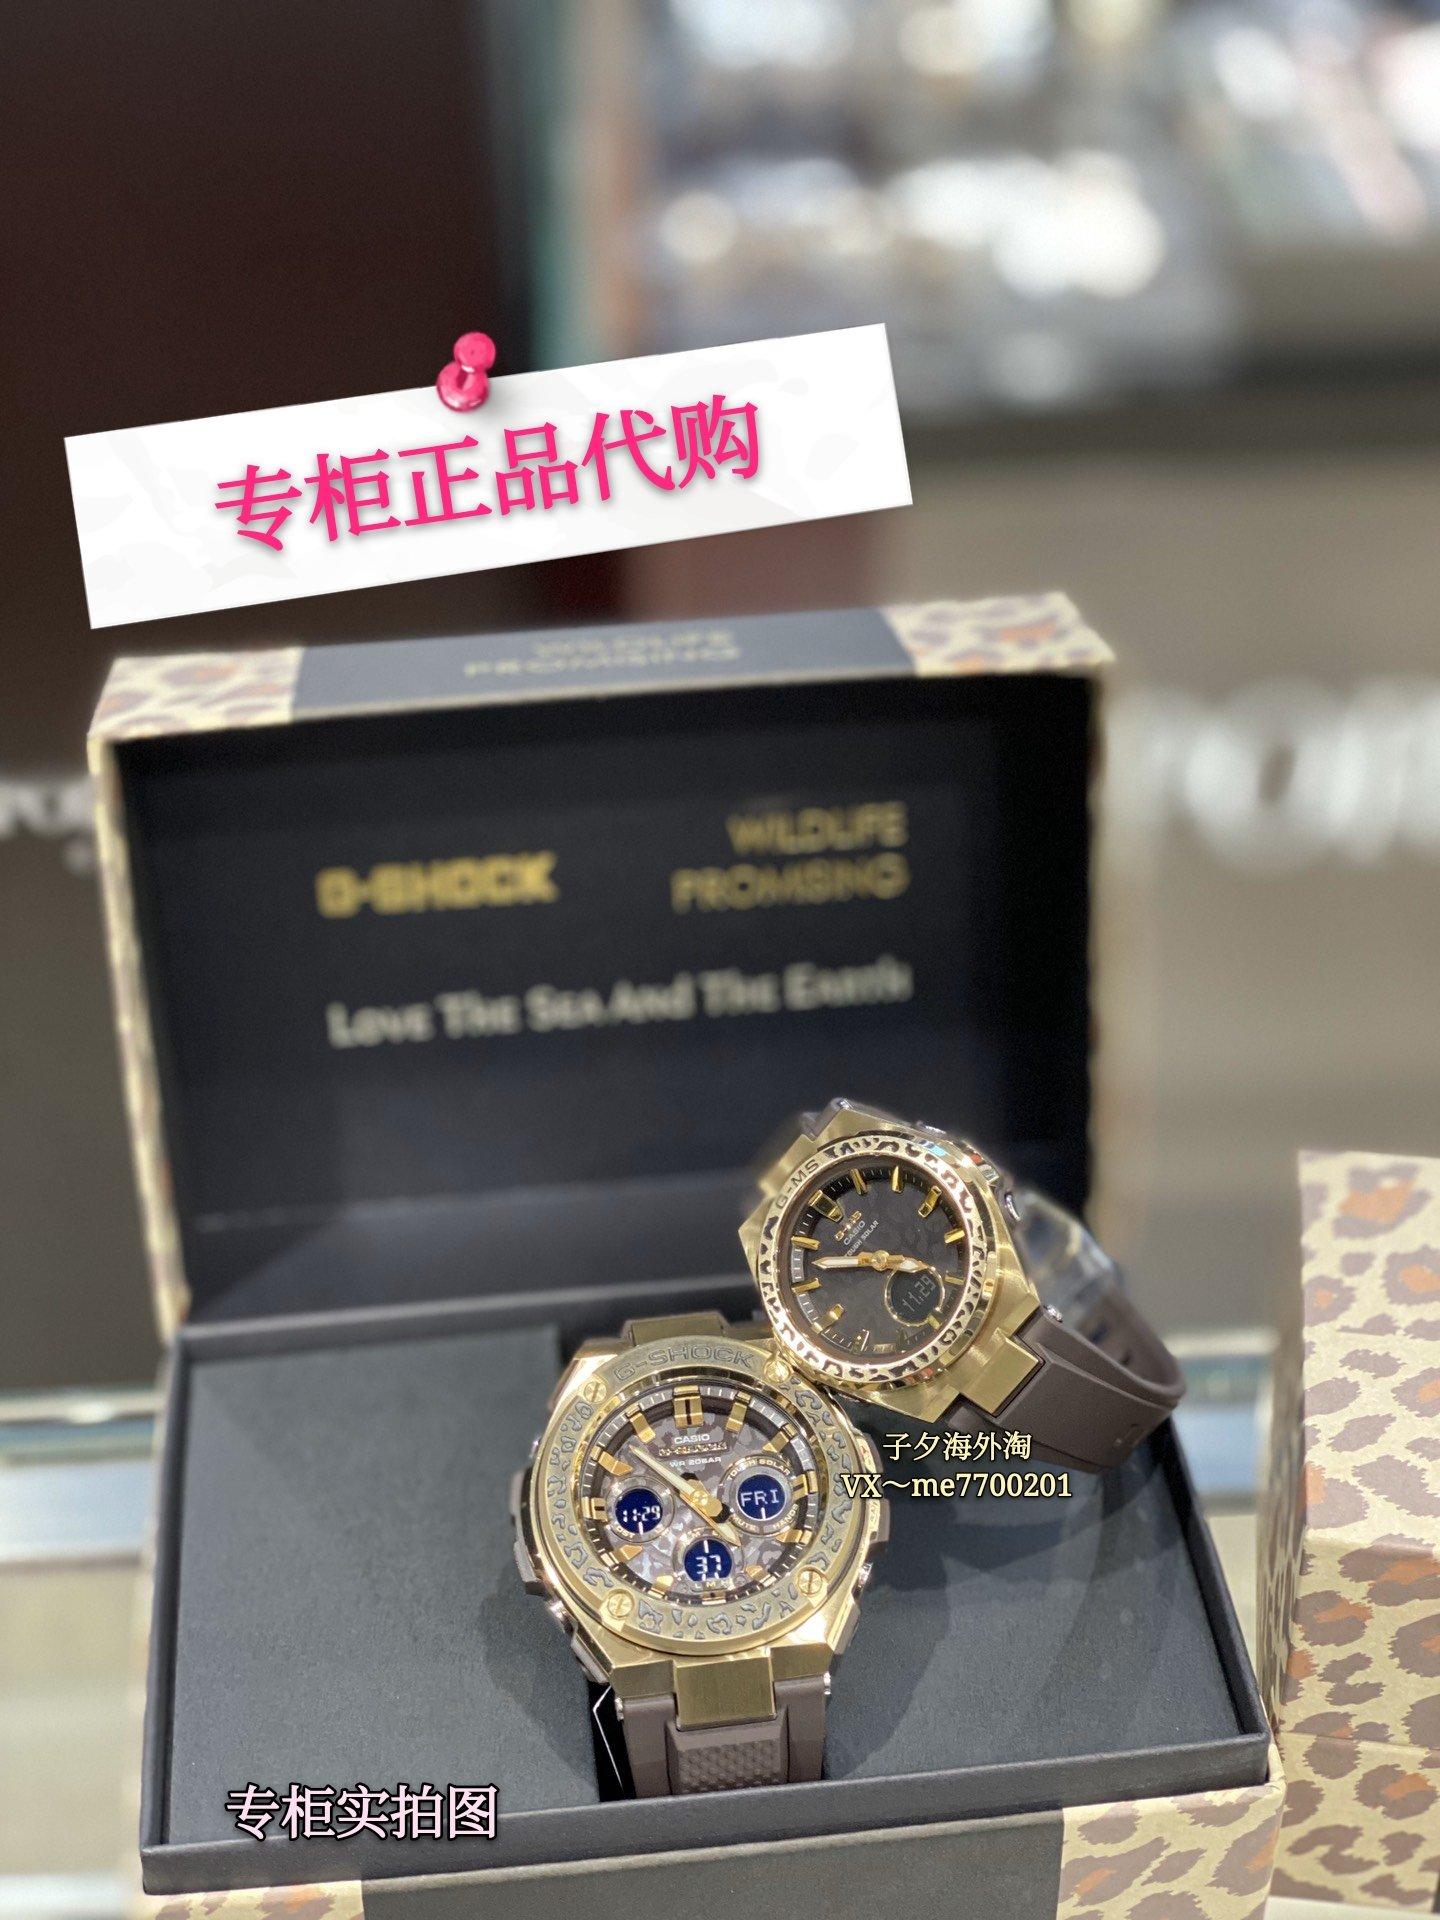 香港の専門店Casioカシオ豹柄環境保護テーマ限定版太陽エネルギーカップル表